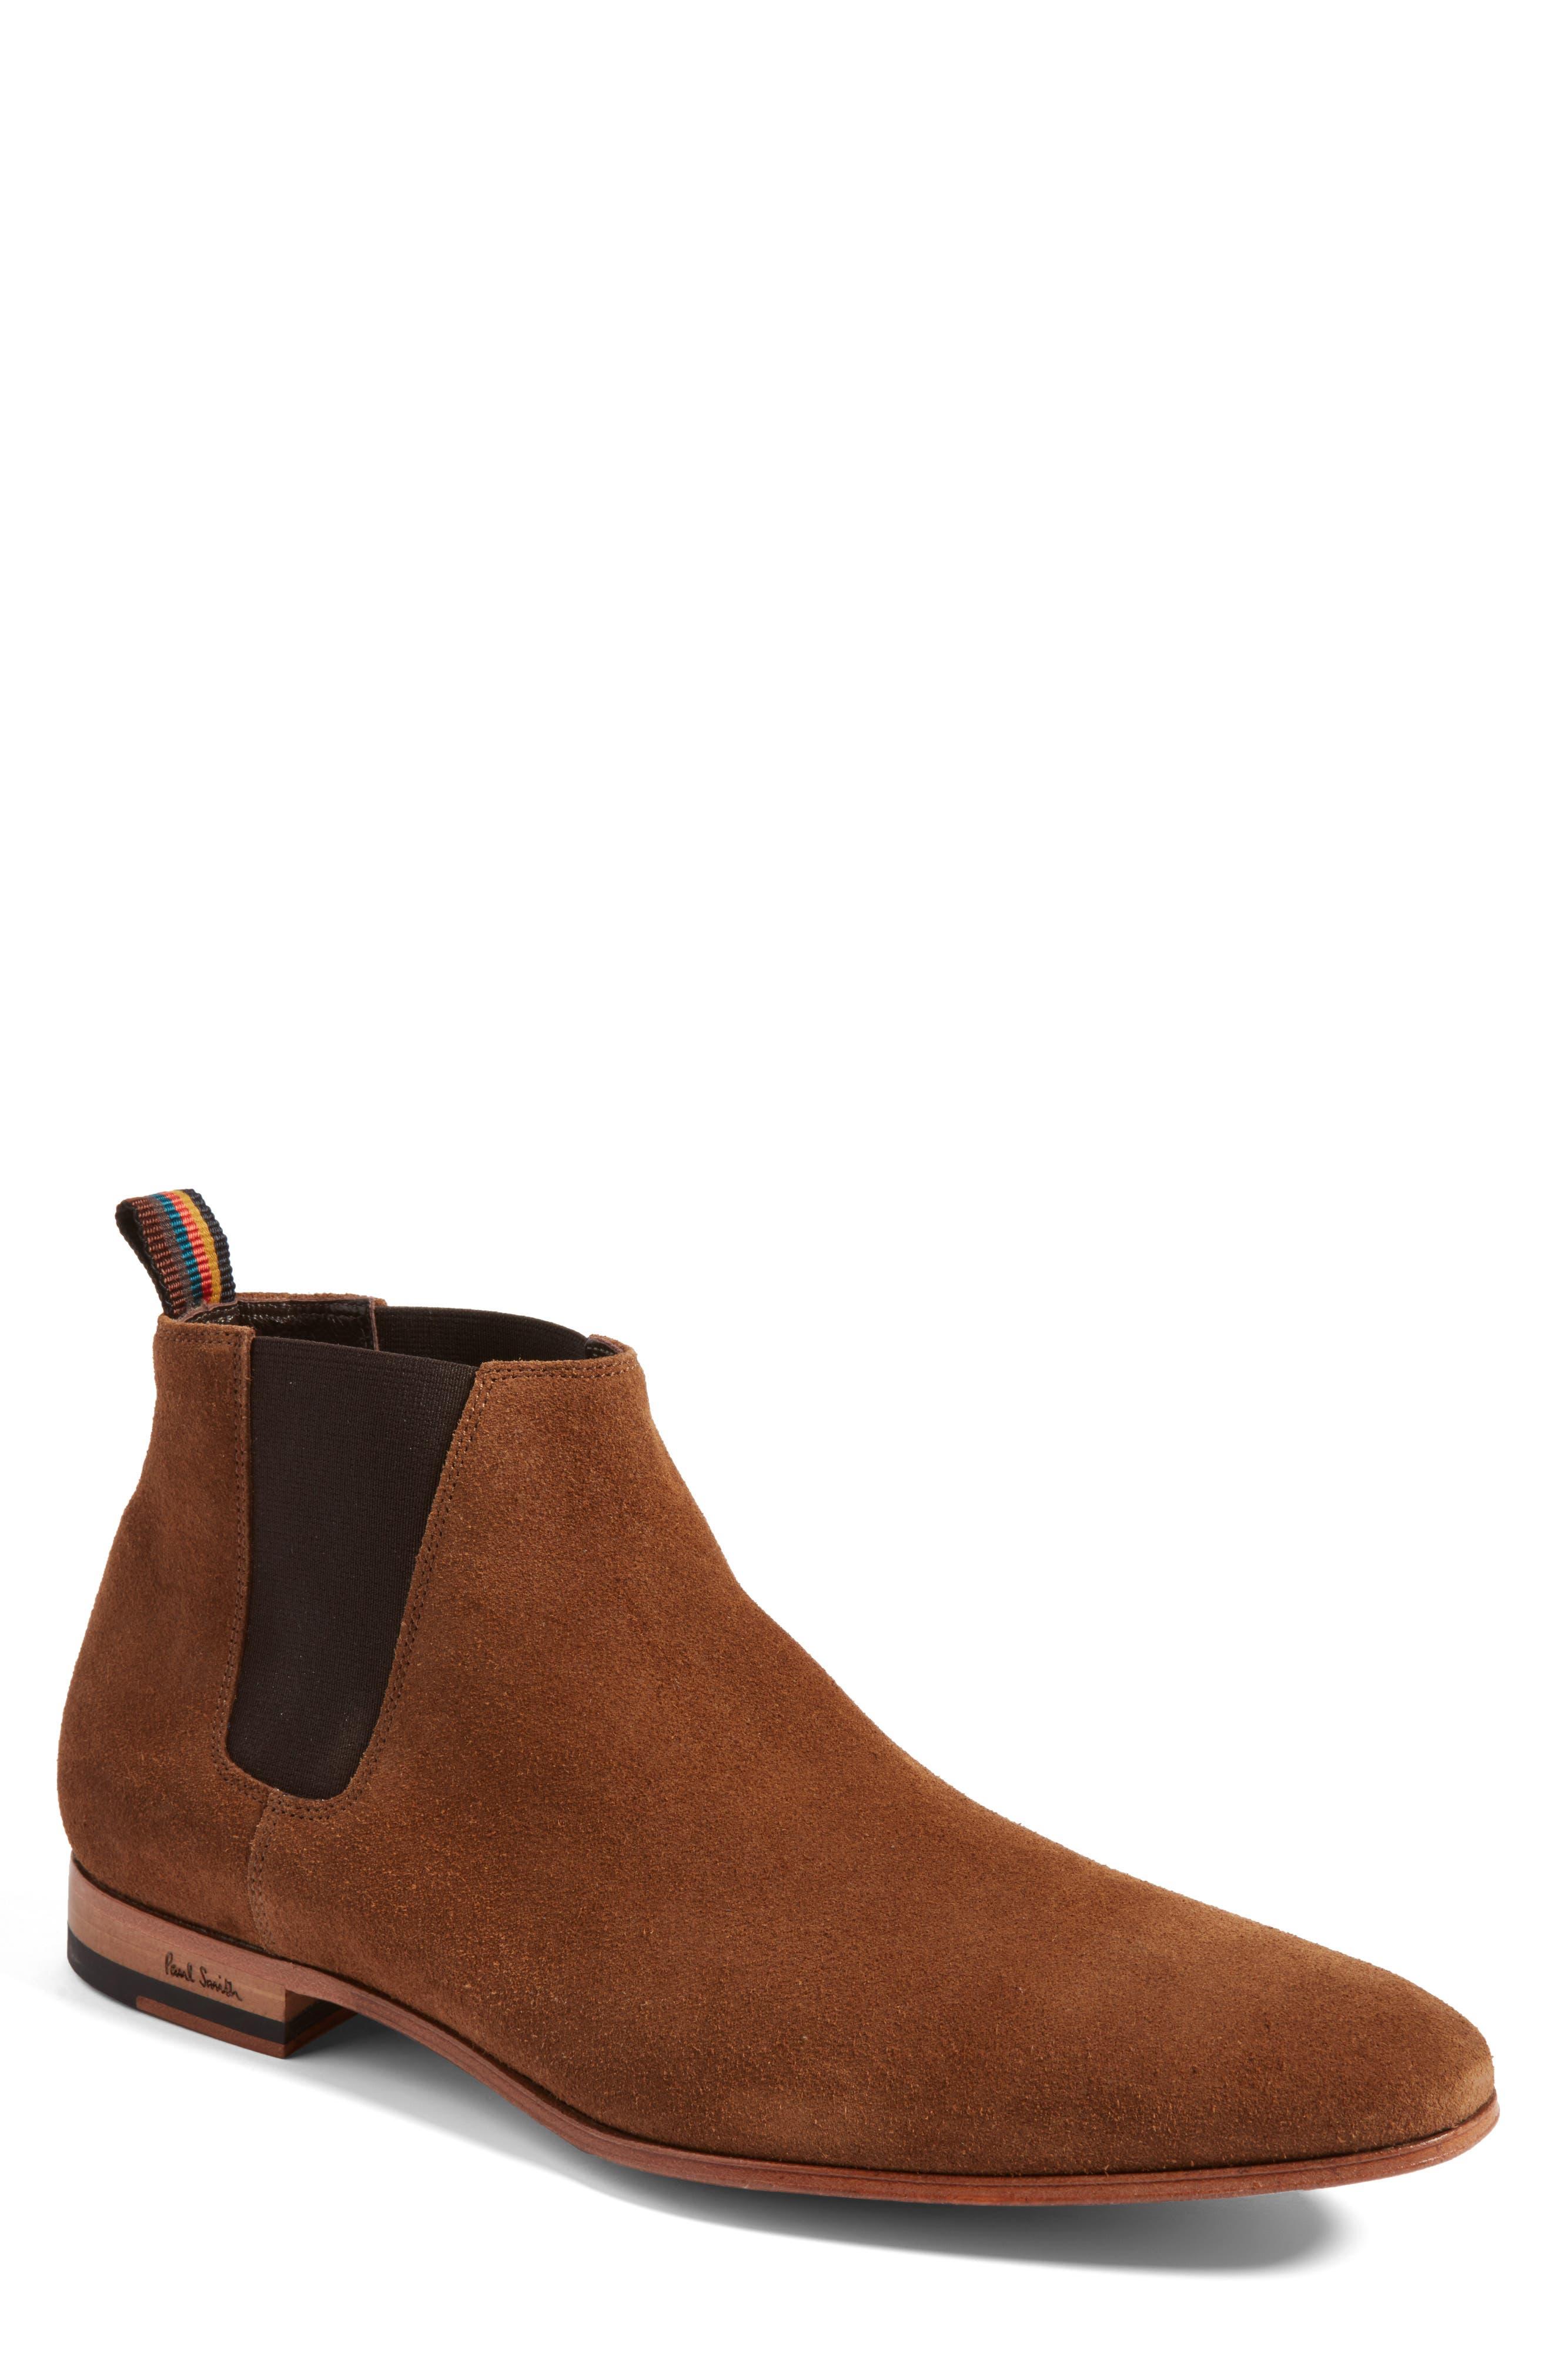 Paul Smith Marlowe Chelsea Boot (Men)